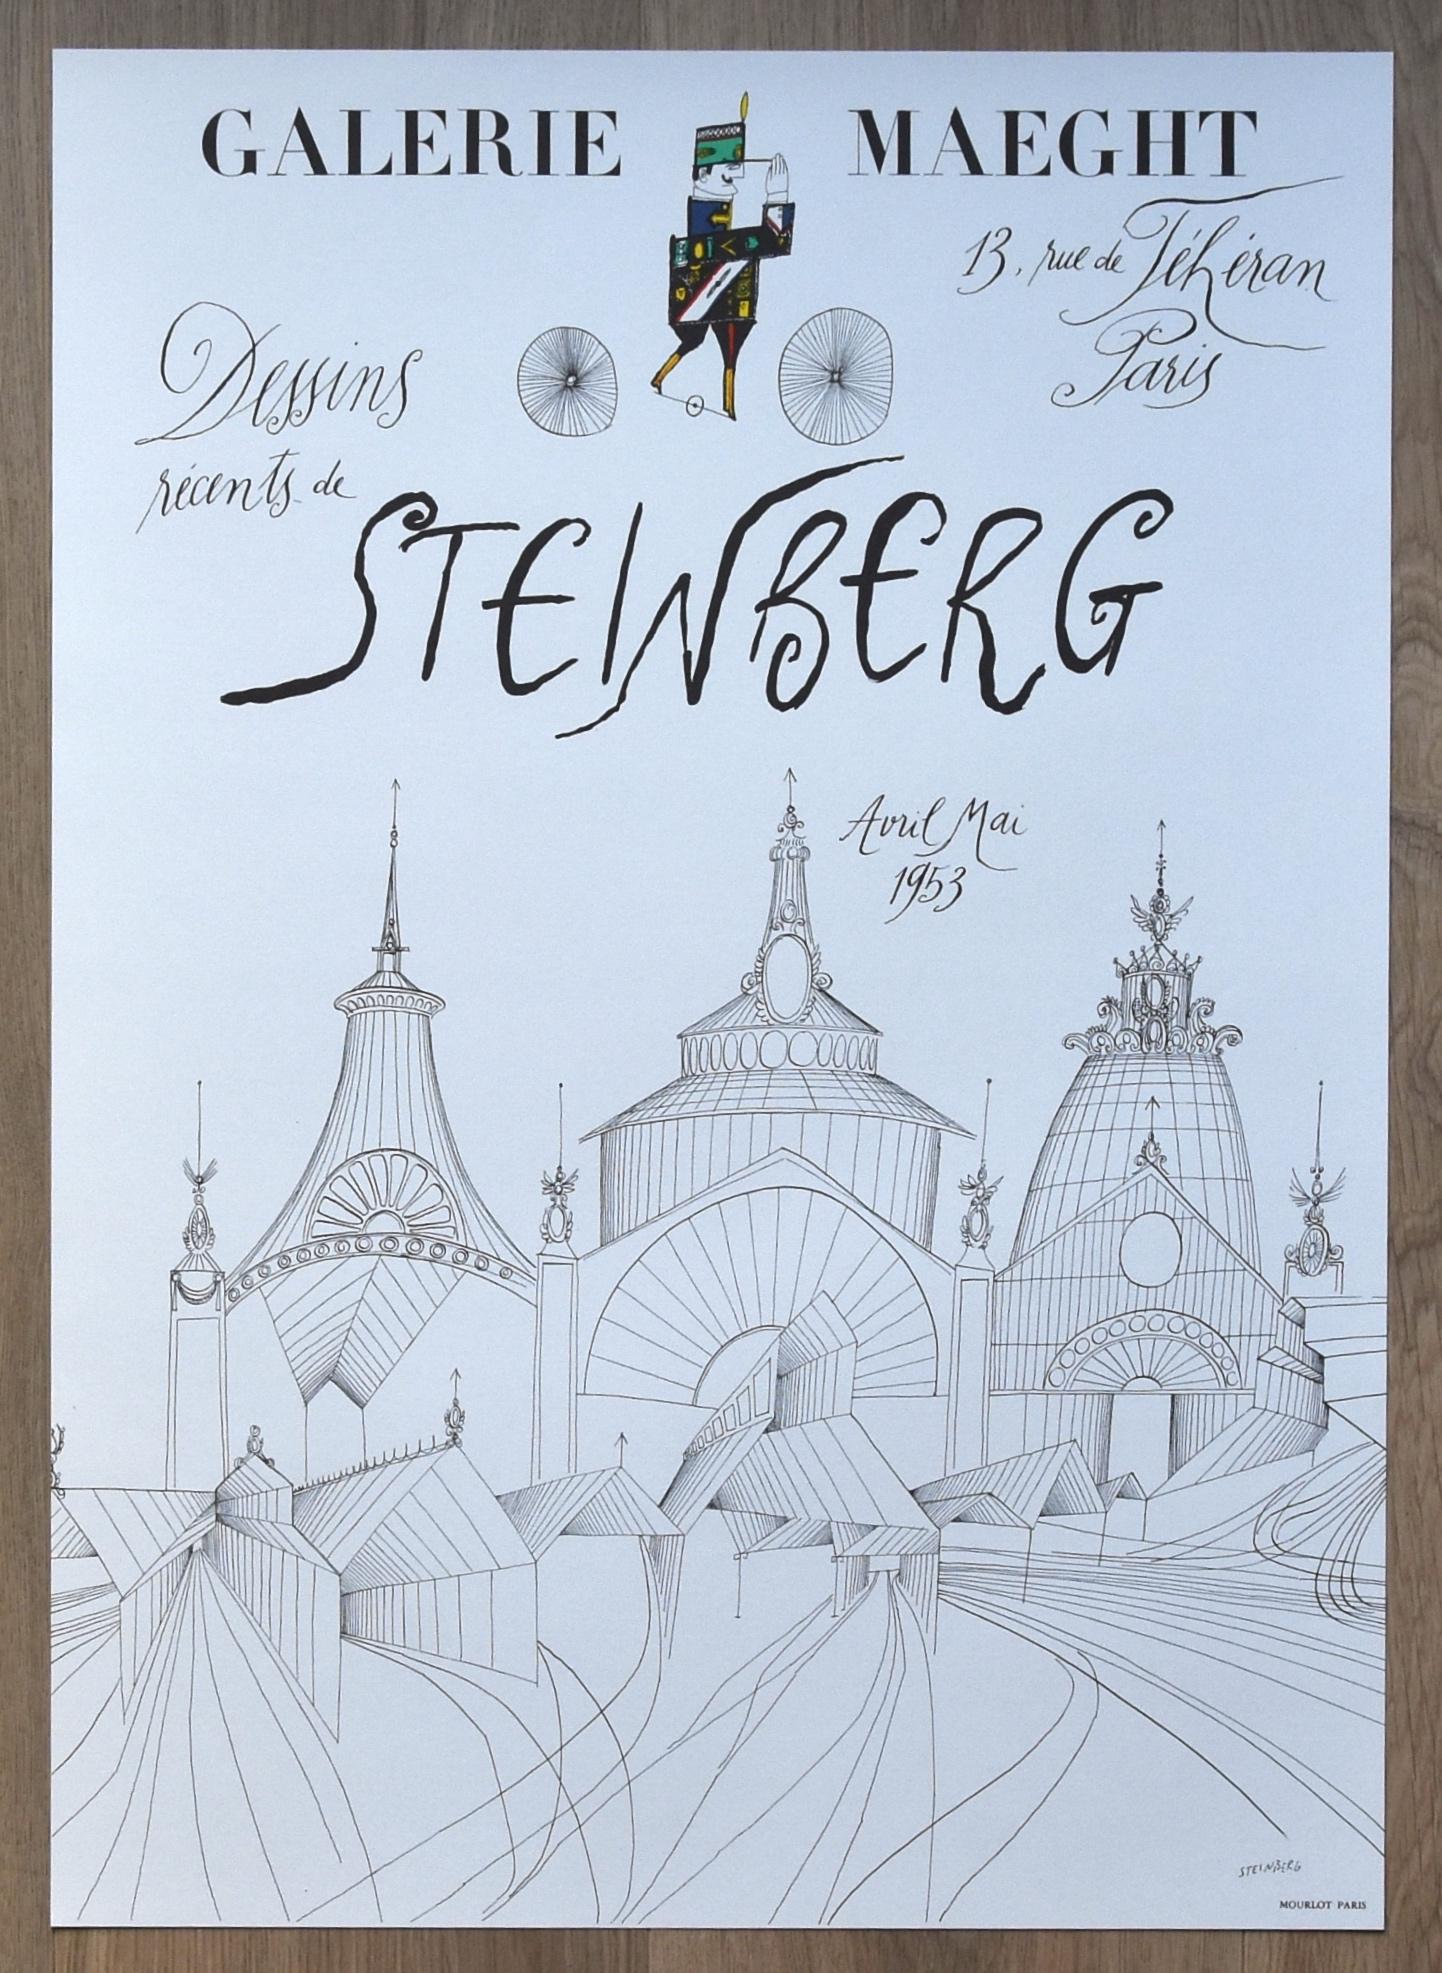 steinberg aff a